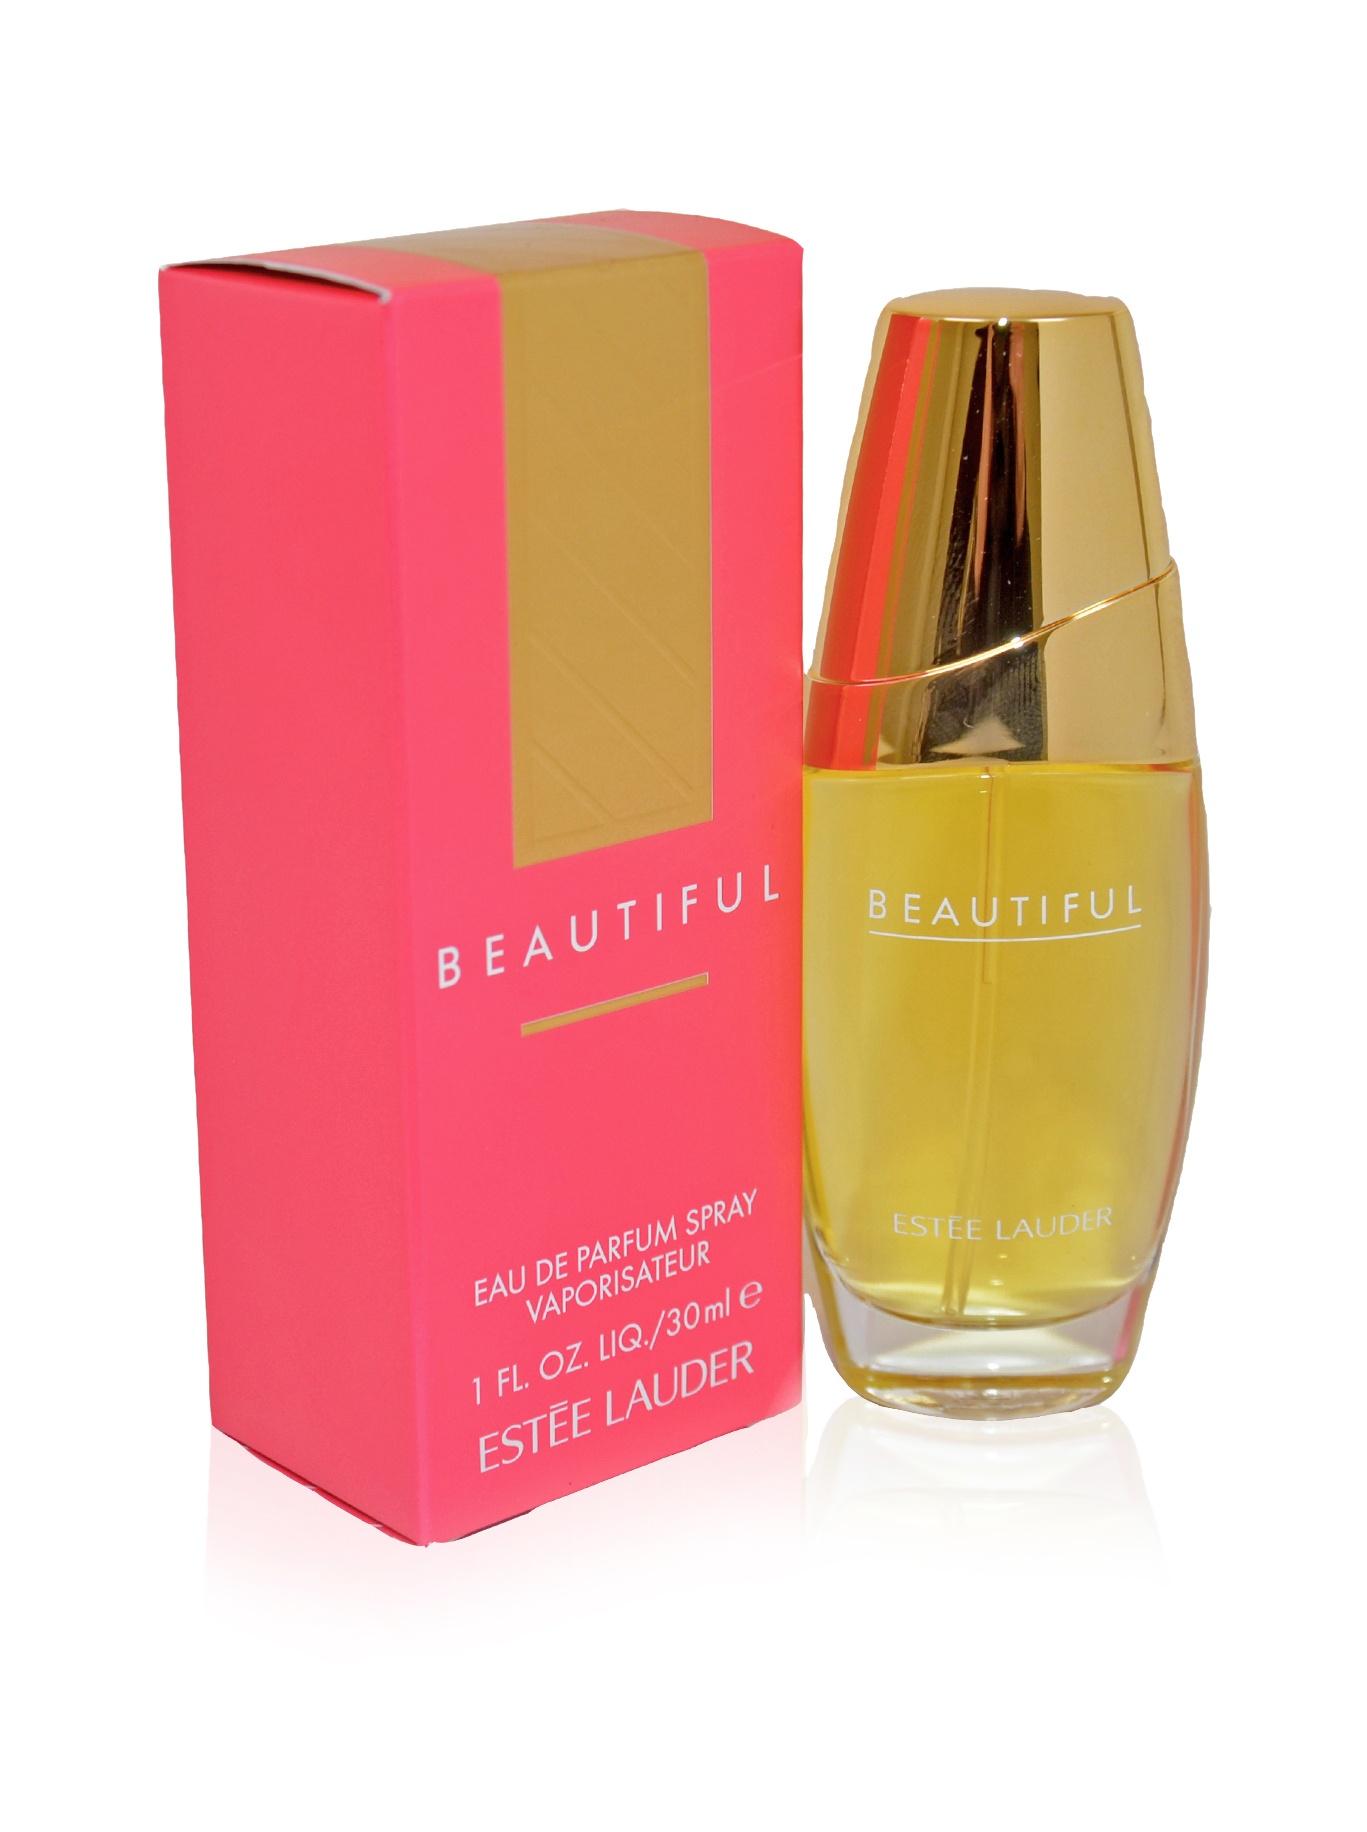 Estee Lauder 2624 – Agua de perfume